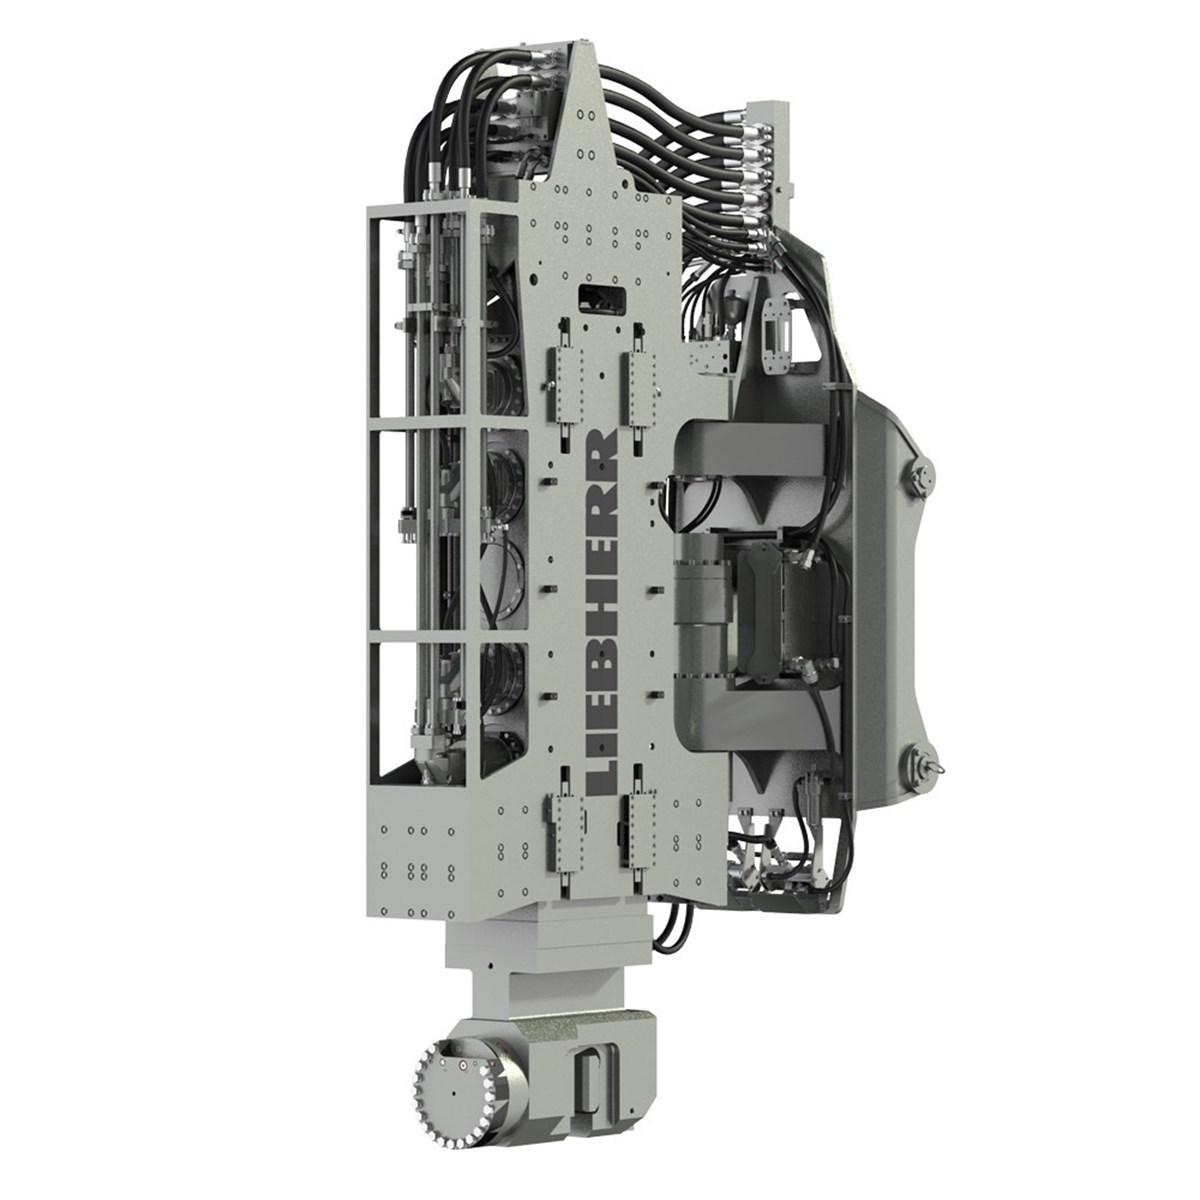 liebherr-lv-36-vibrator-slim-design-ruettler-piling-rammen.jpg